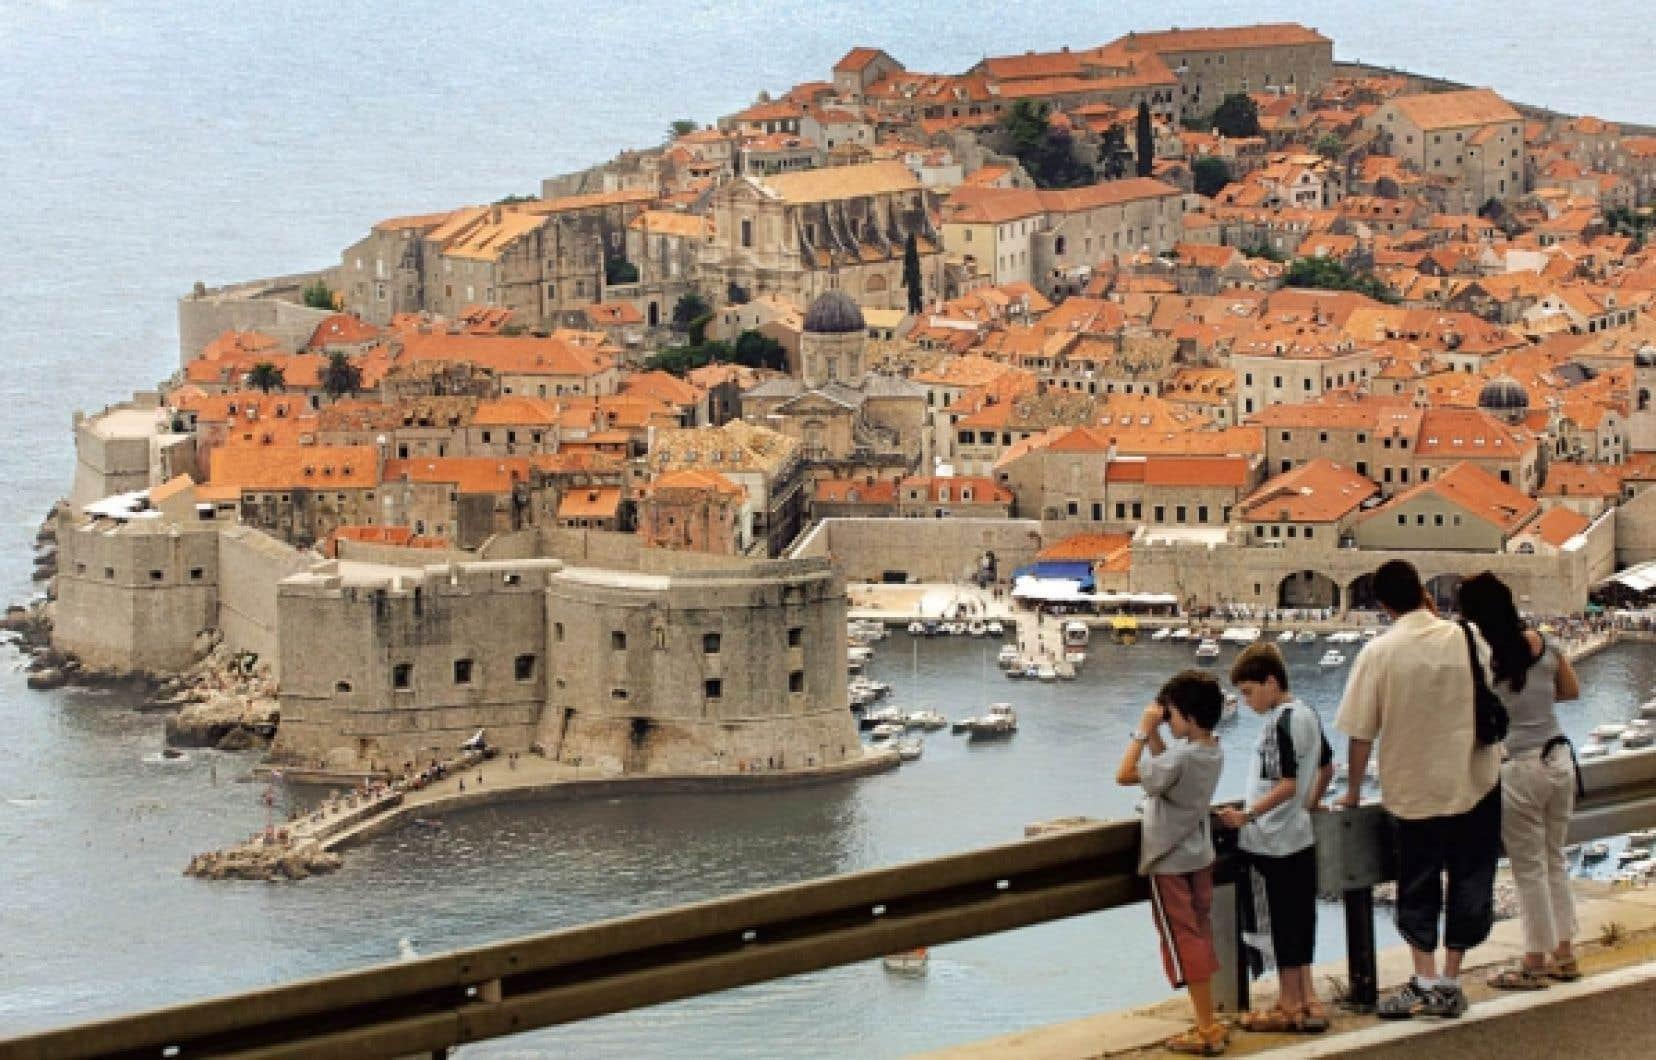 Dubrovnik, la perle de l&rsquo;Adriatique, en Dalmatie.<br />